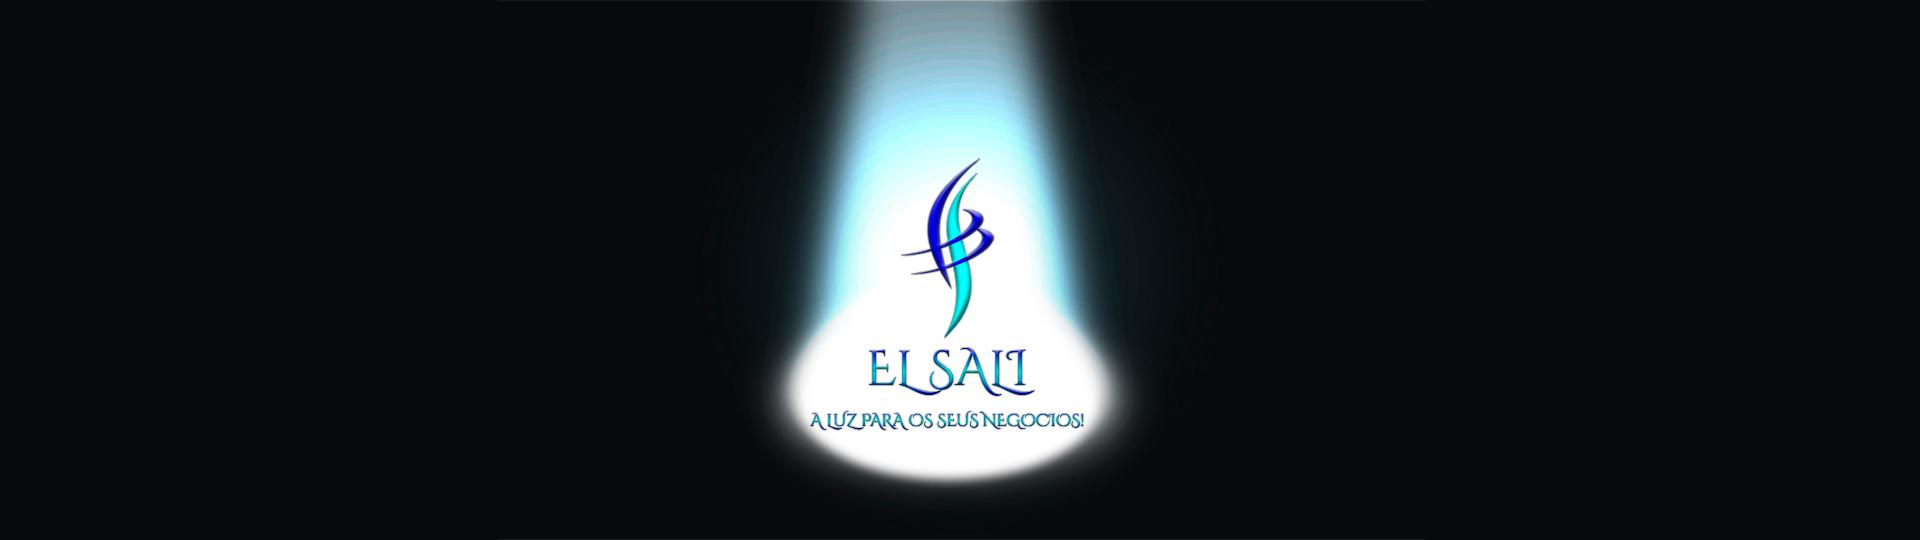 Site_El Sali_1920x540